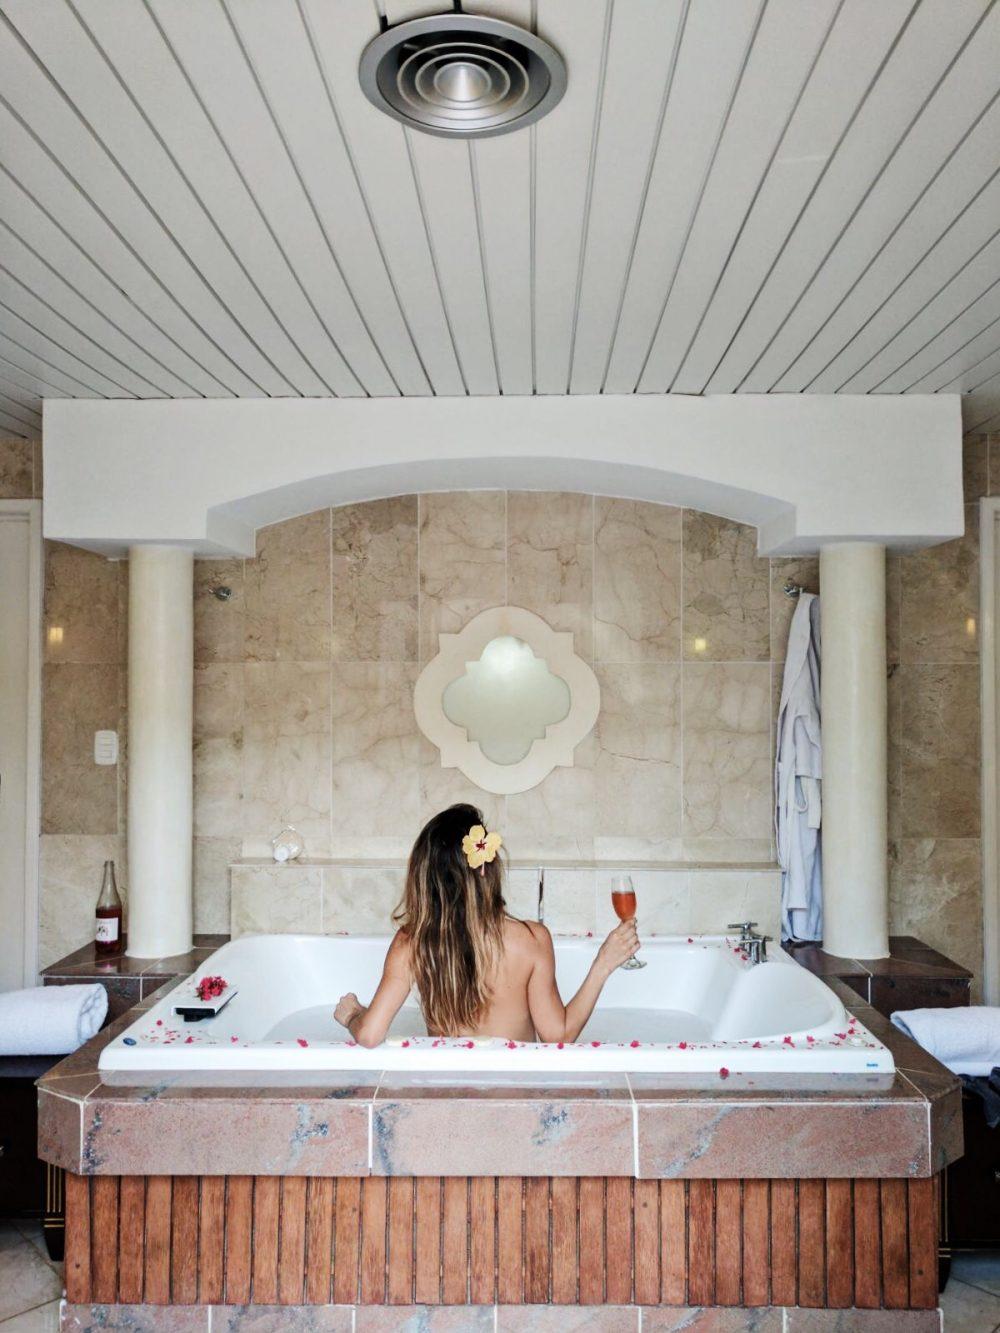 Whitney's Wonderland UK Top Luxury Fashion & Travel Blogger in Paradisus Varadero suite